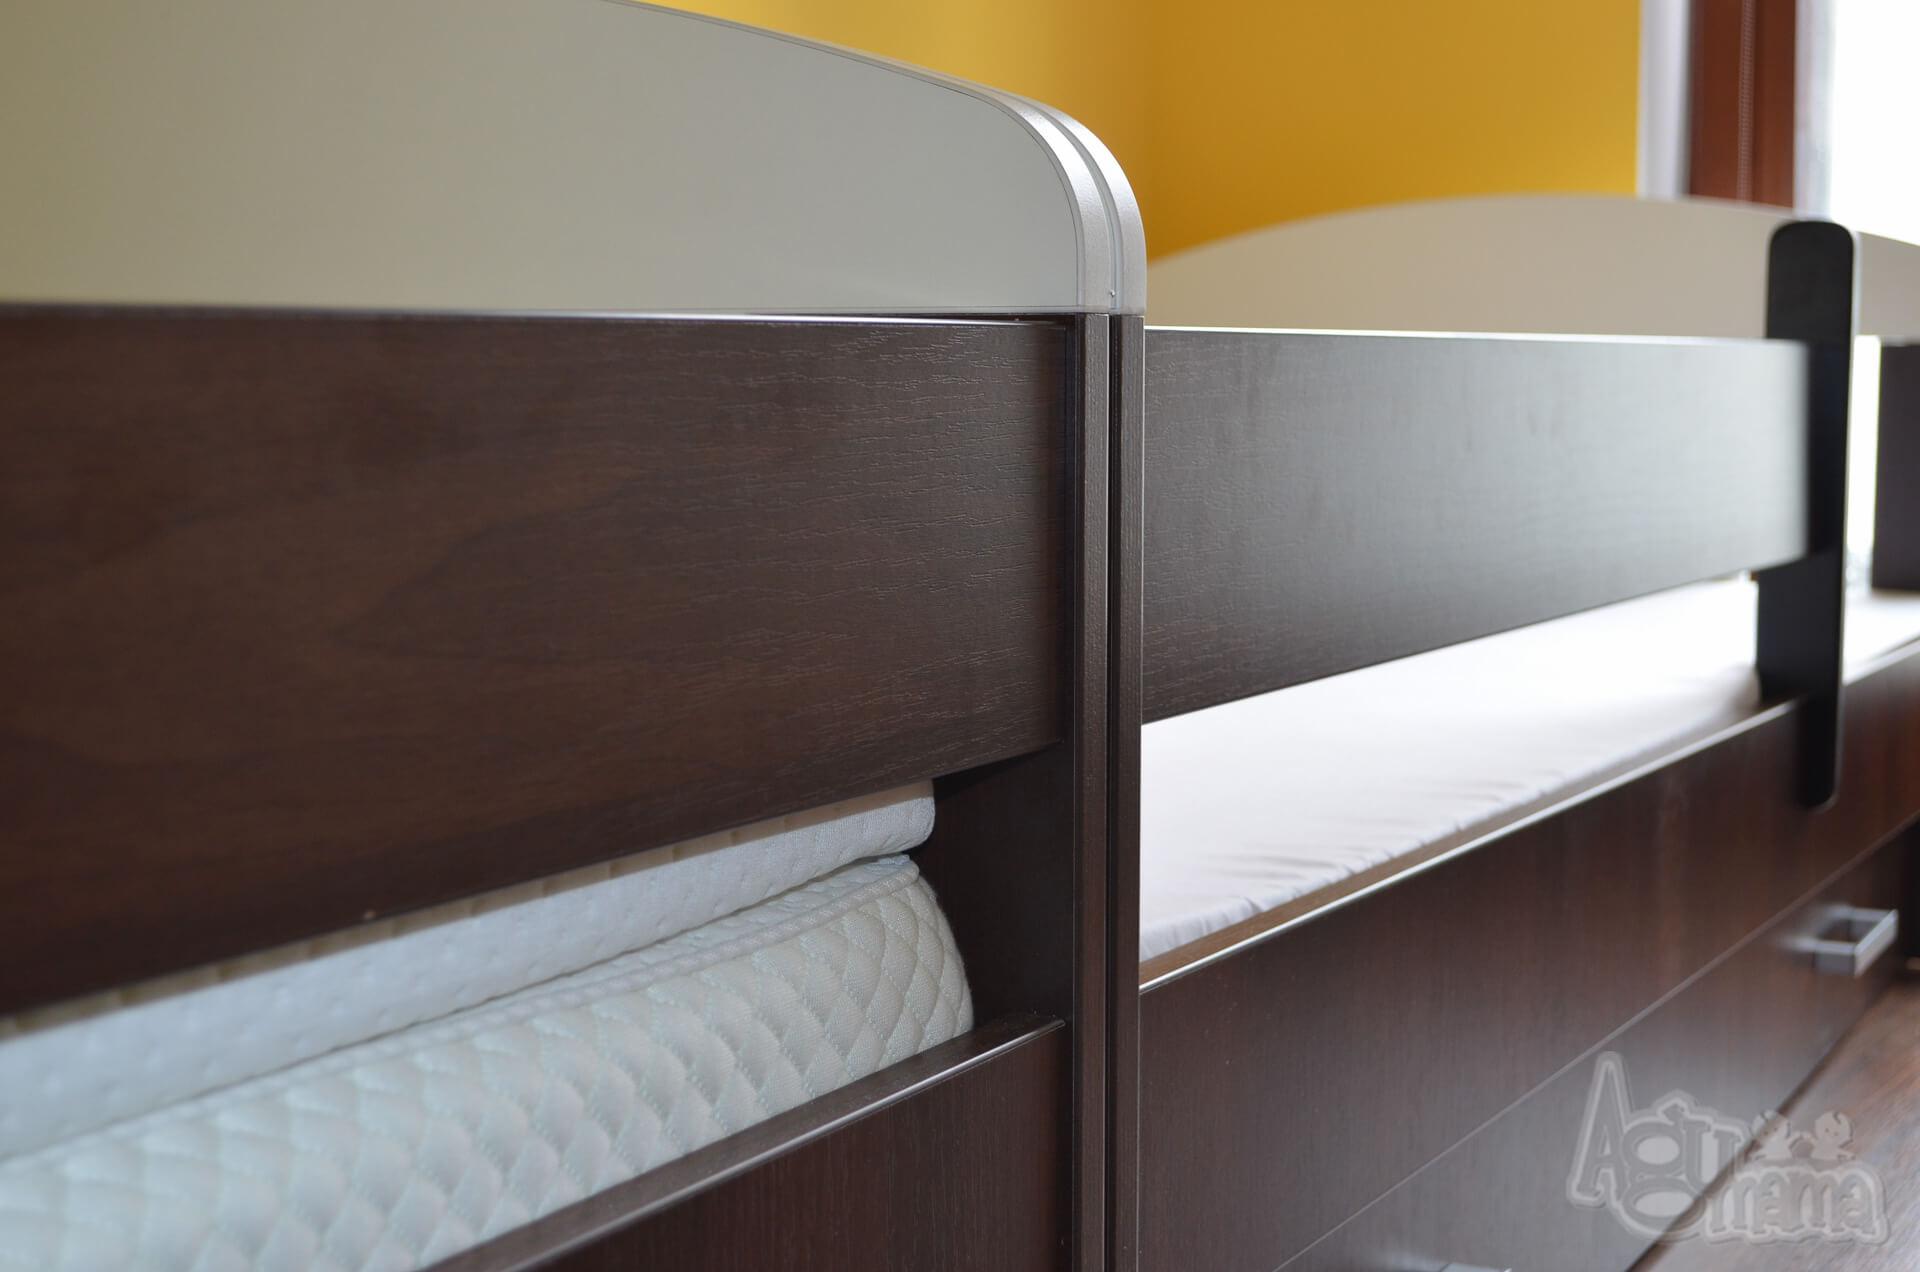 materac plantpur baby widok na łóżka